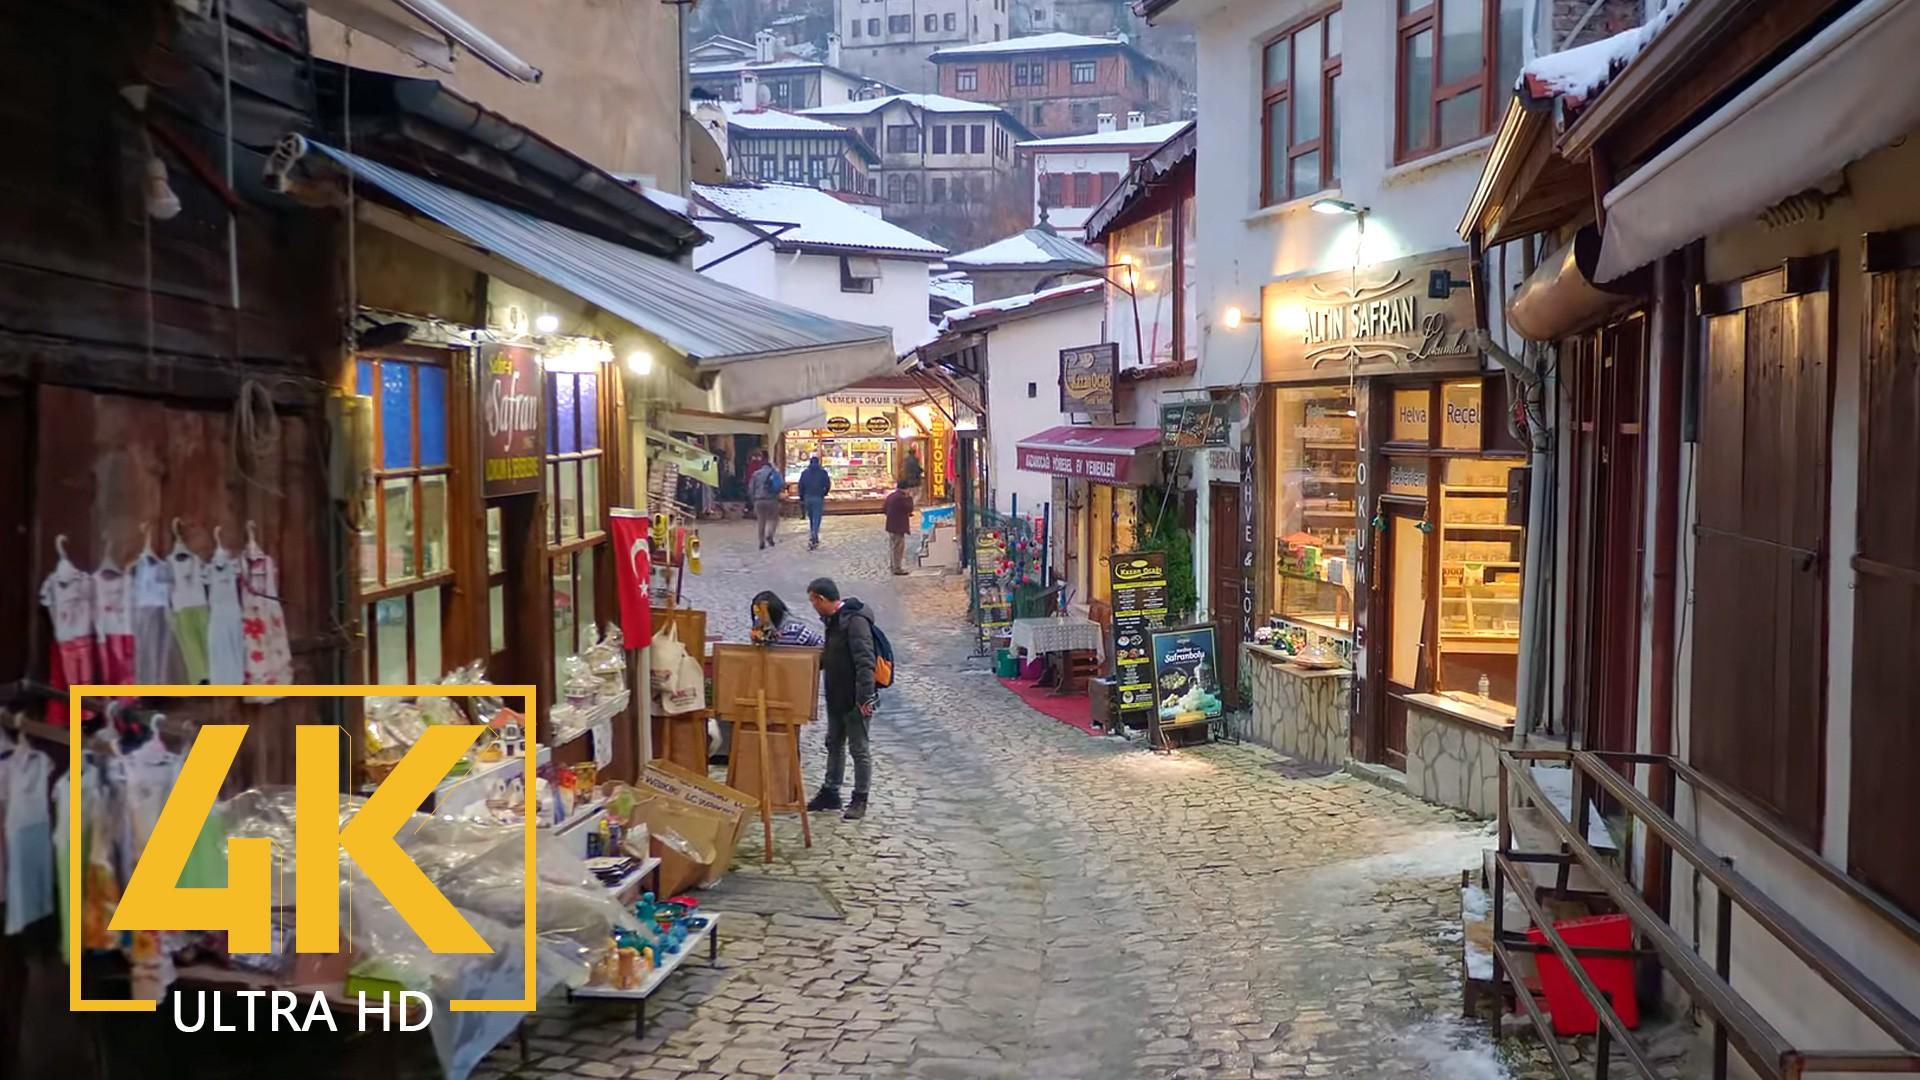 safranbolu-turkey-4k